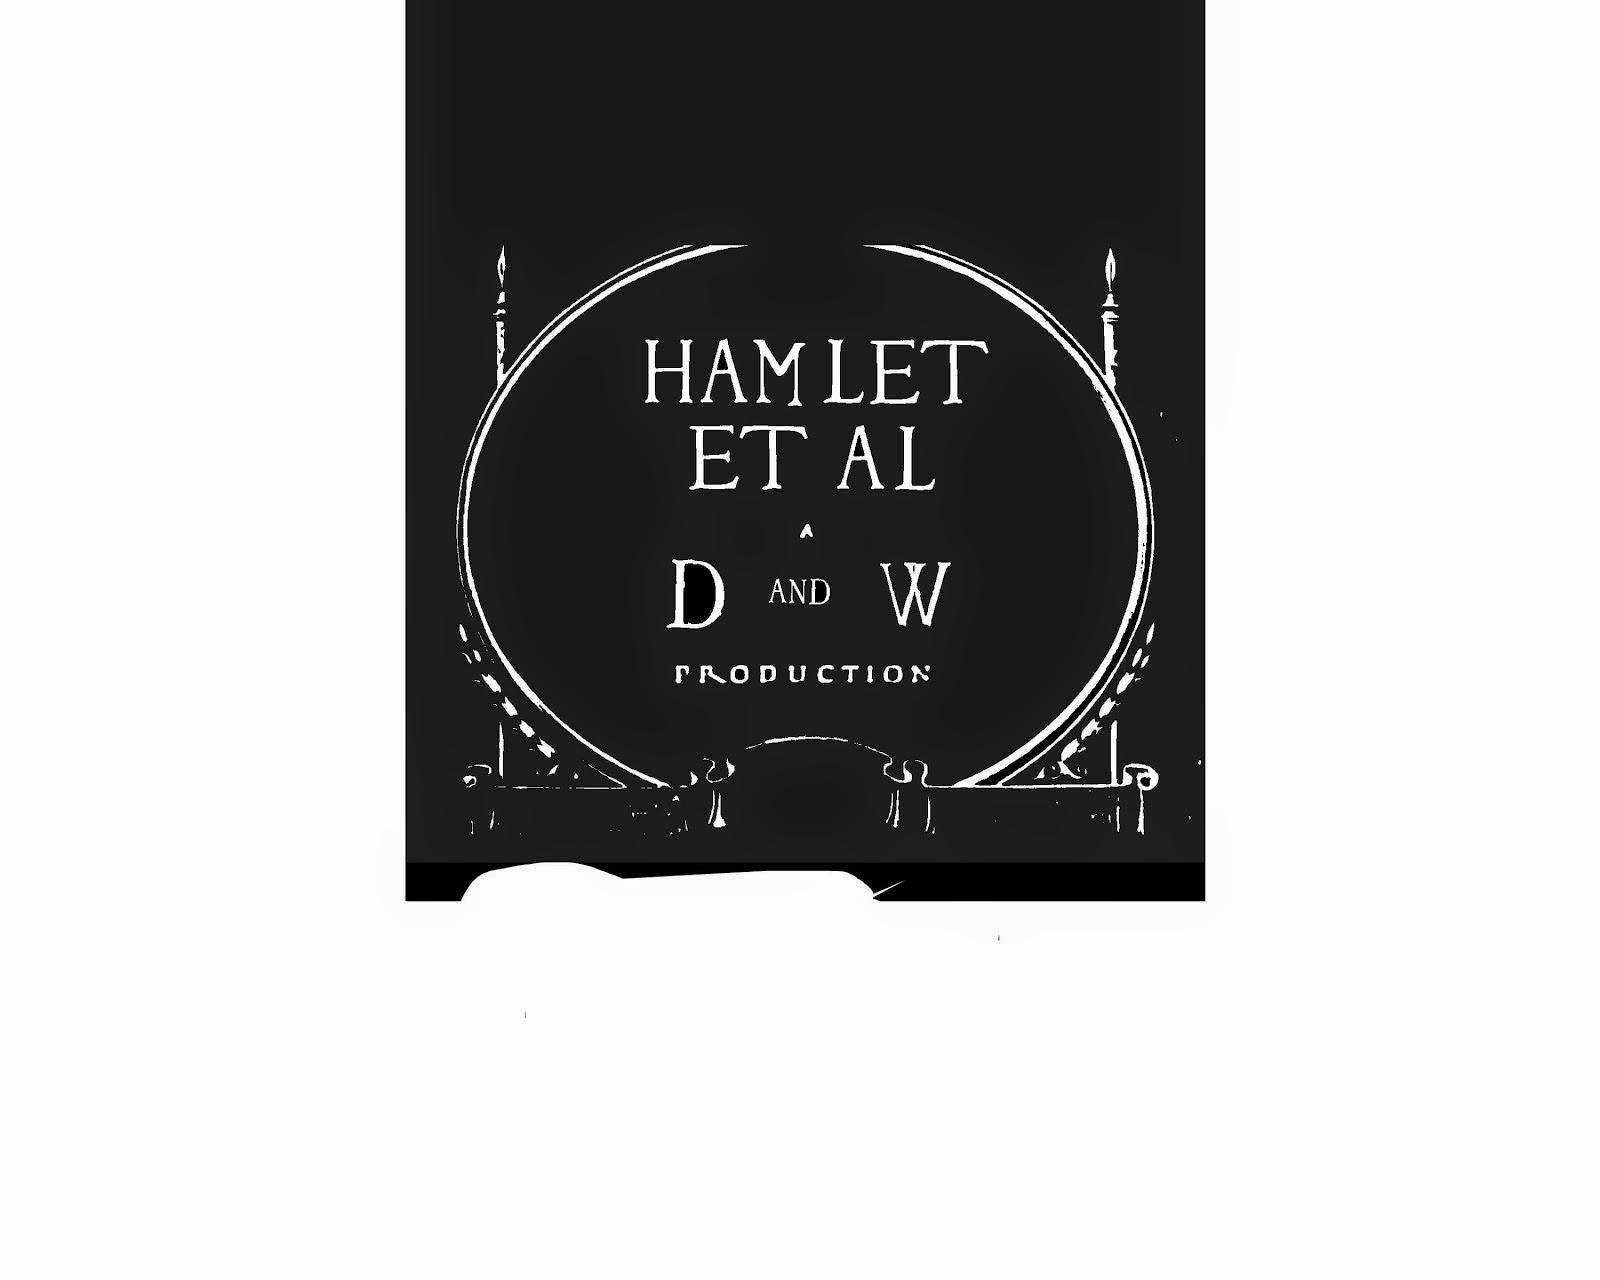 hamlet et al